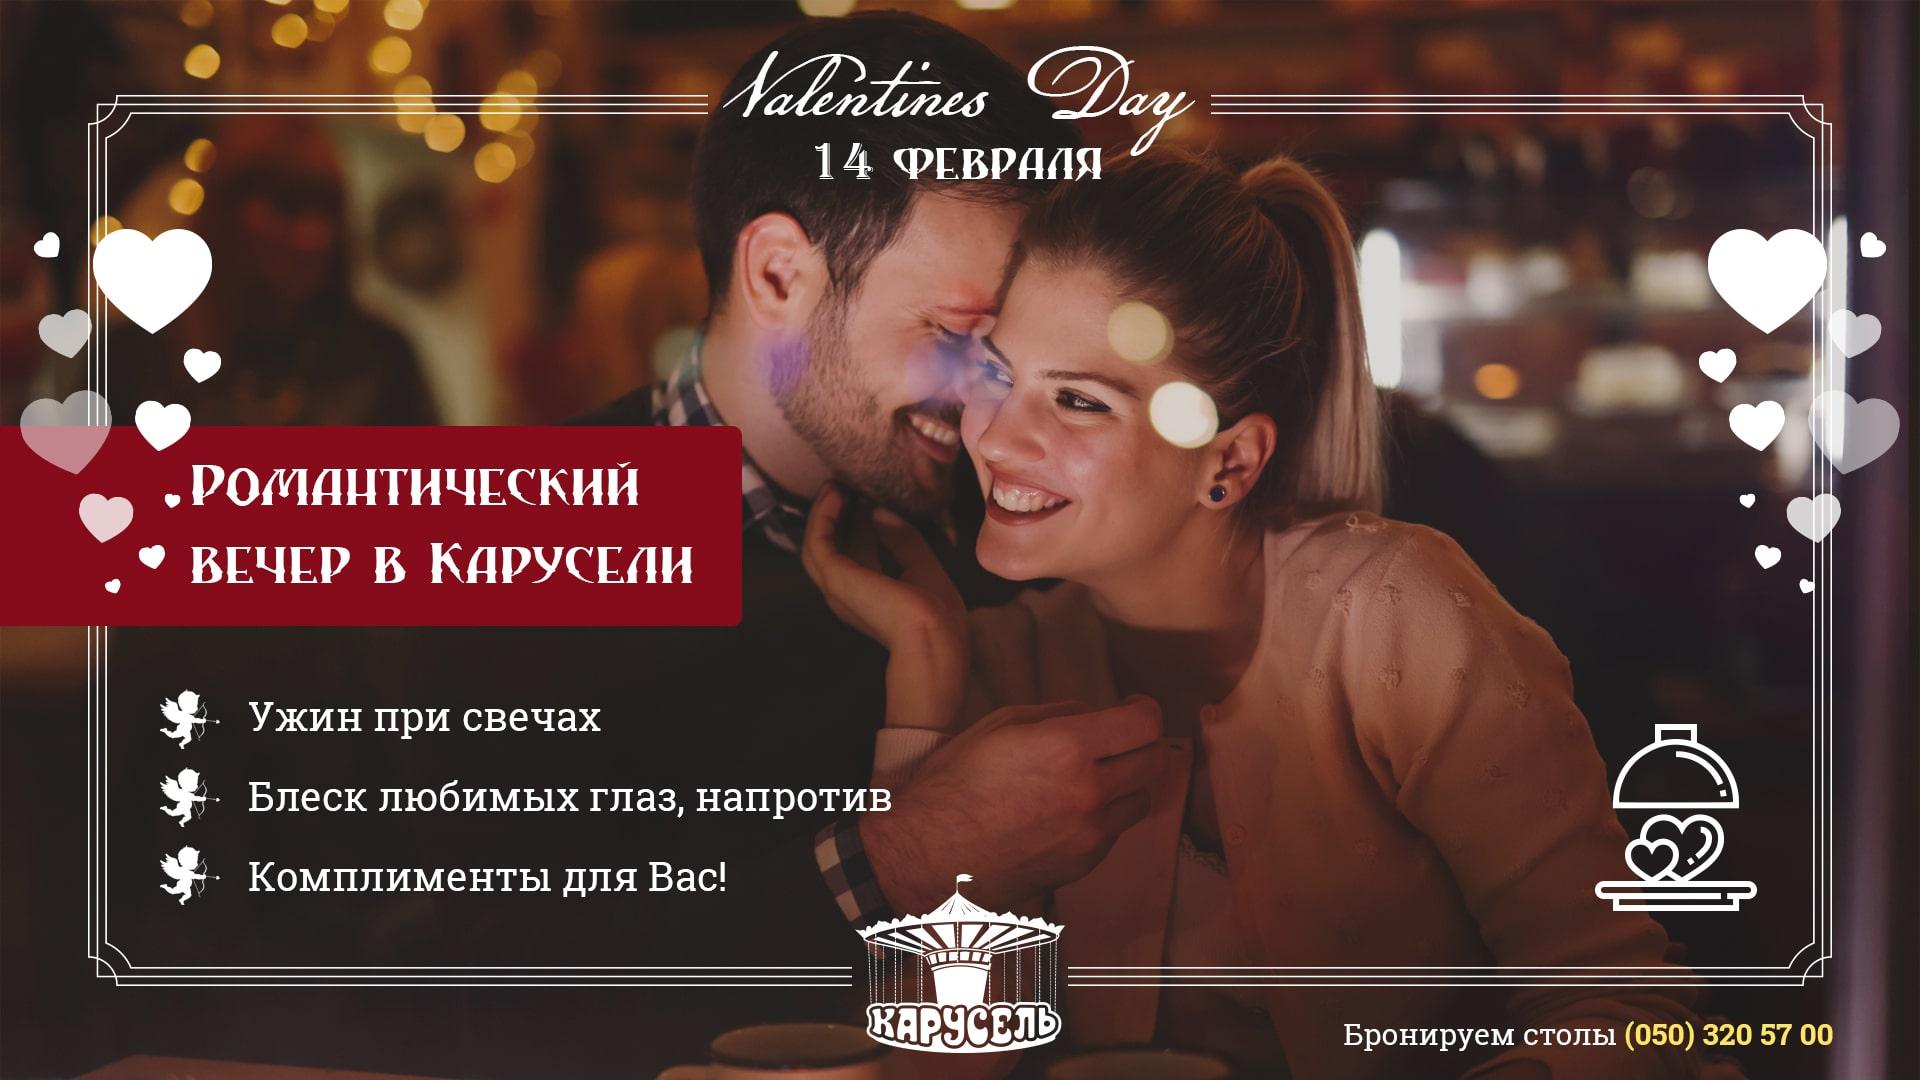 где встретить день святого валентина 2019 в днепре